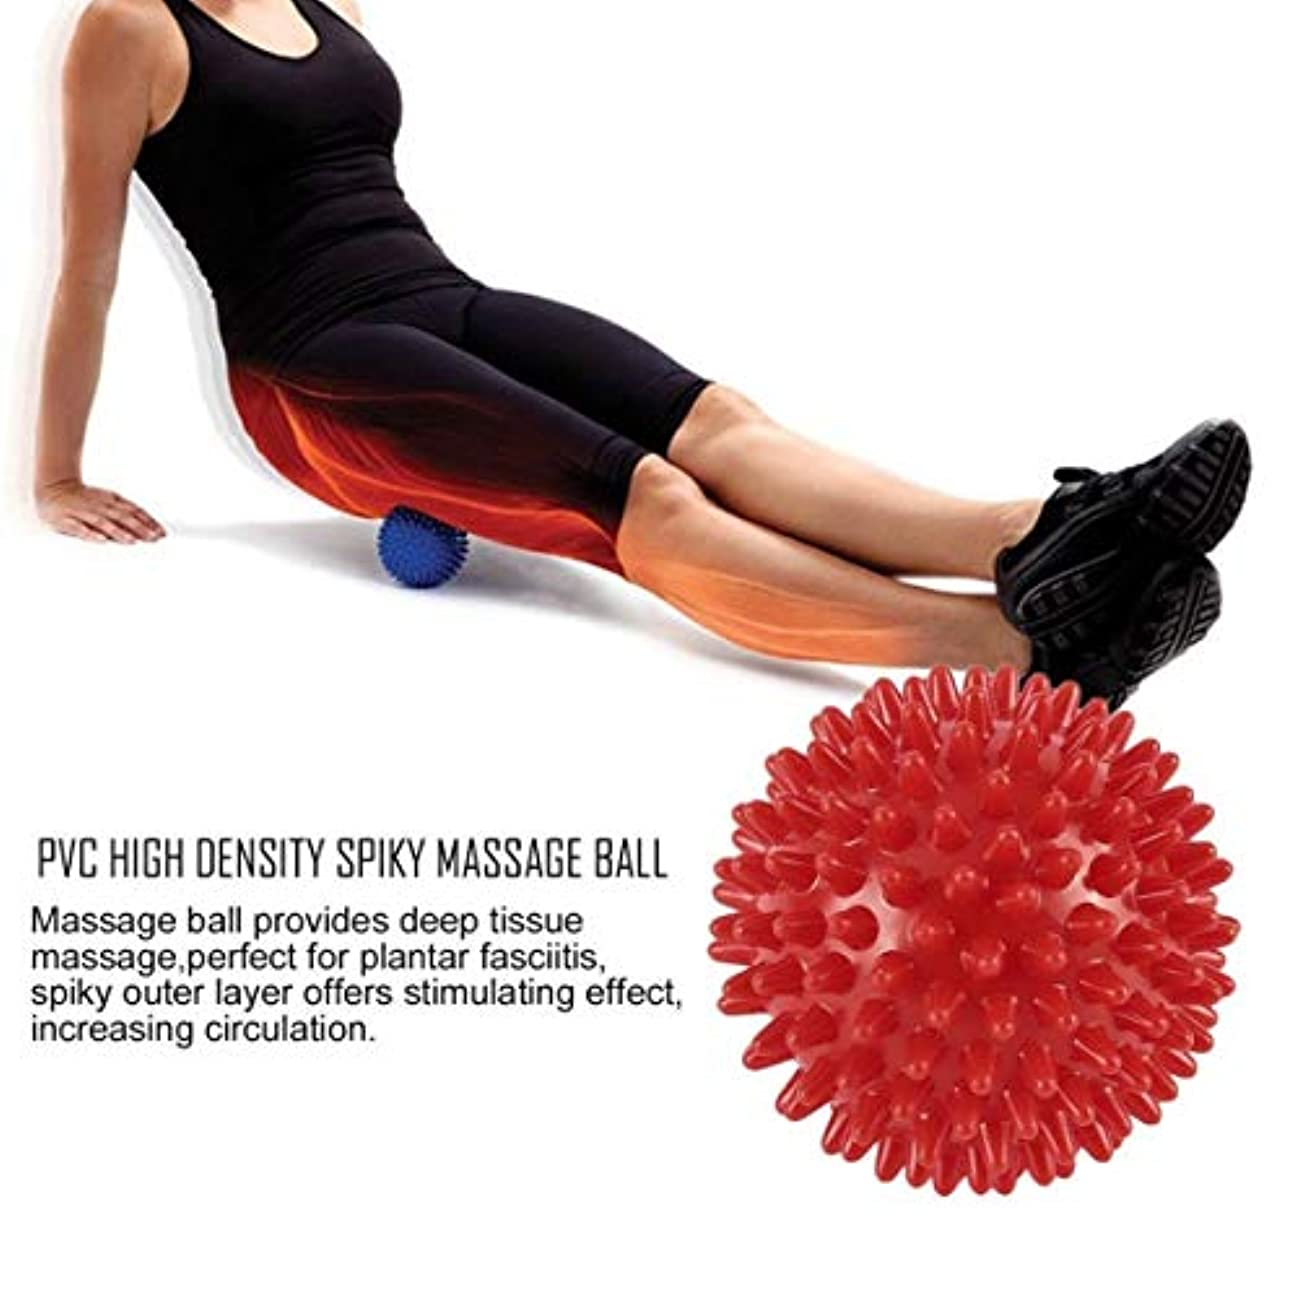 メタンクリークスムーズにPVC High Density Spiky Massage Ball Foot Pain & Plantar Fasciitis Reliever Treatment Hedgehog Ball Massage Acupressure...